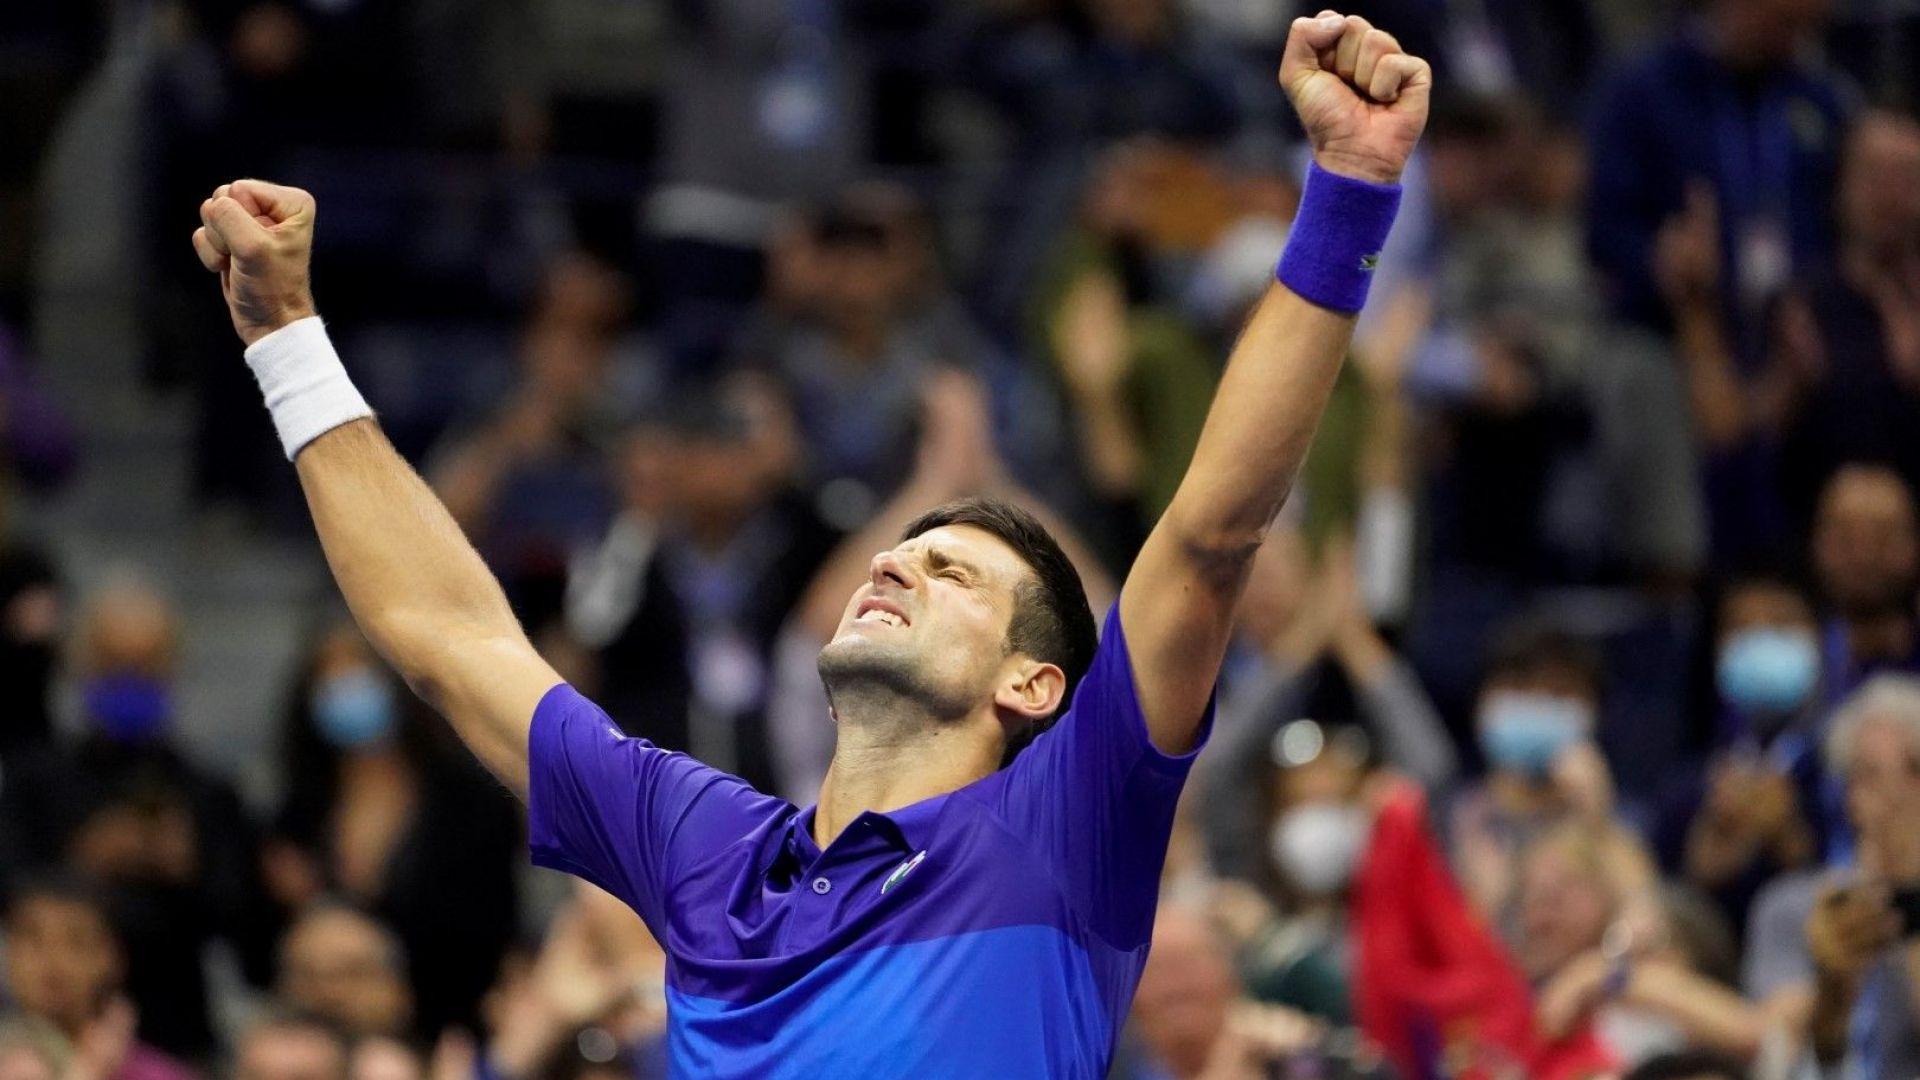 Пет сета екшън, страдание и воля... За Джокович остана само един мач до Еверест в тениса